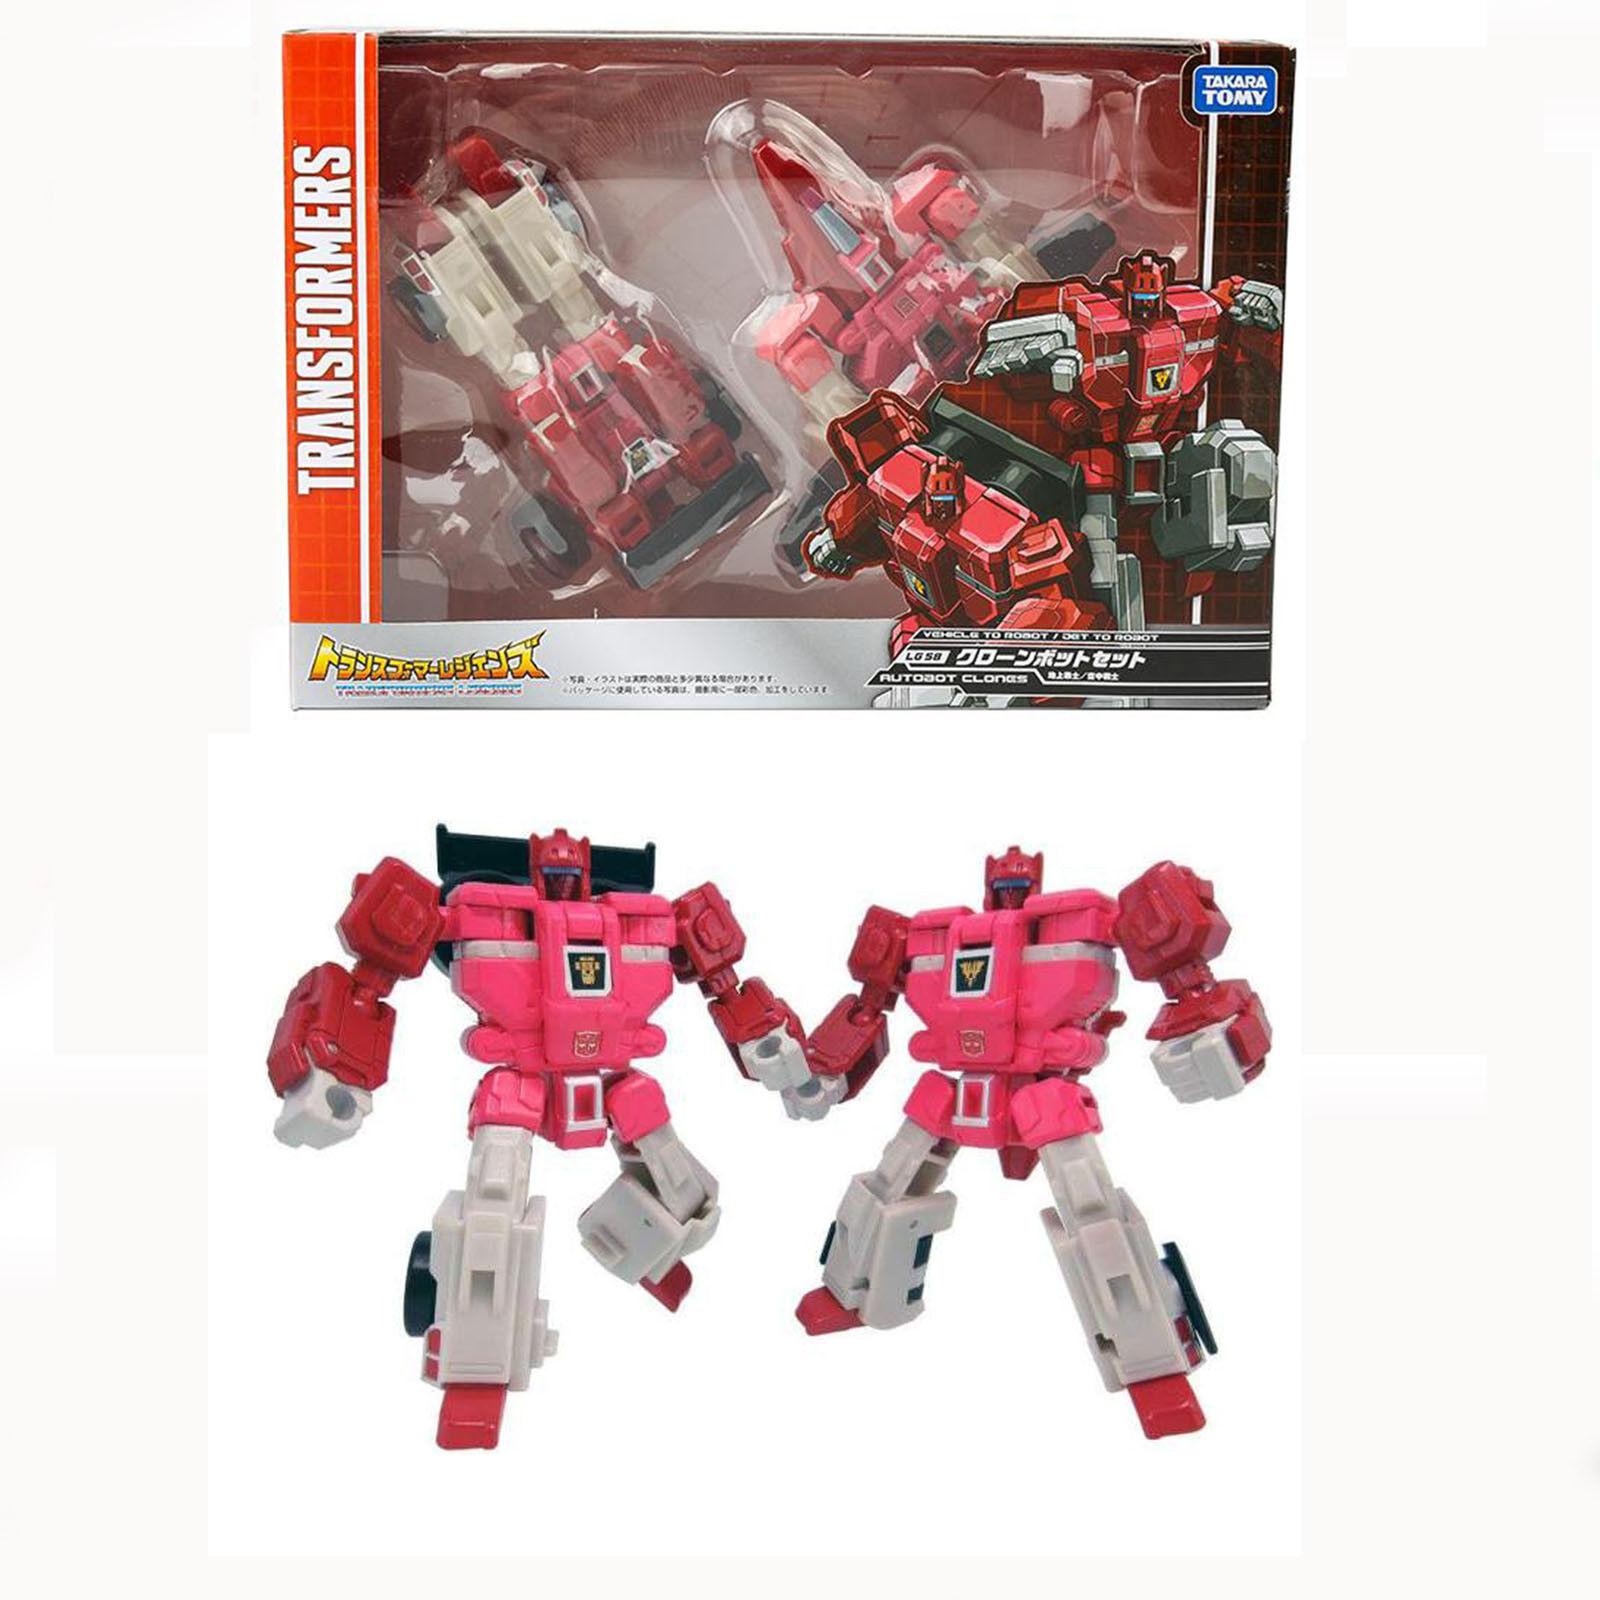 Transformers Legends LG58 Clones Bots Fastlane Cloudraker azione cifra Gift giocattolo